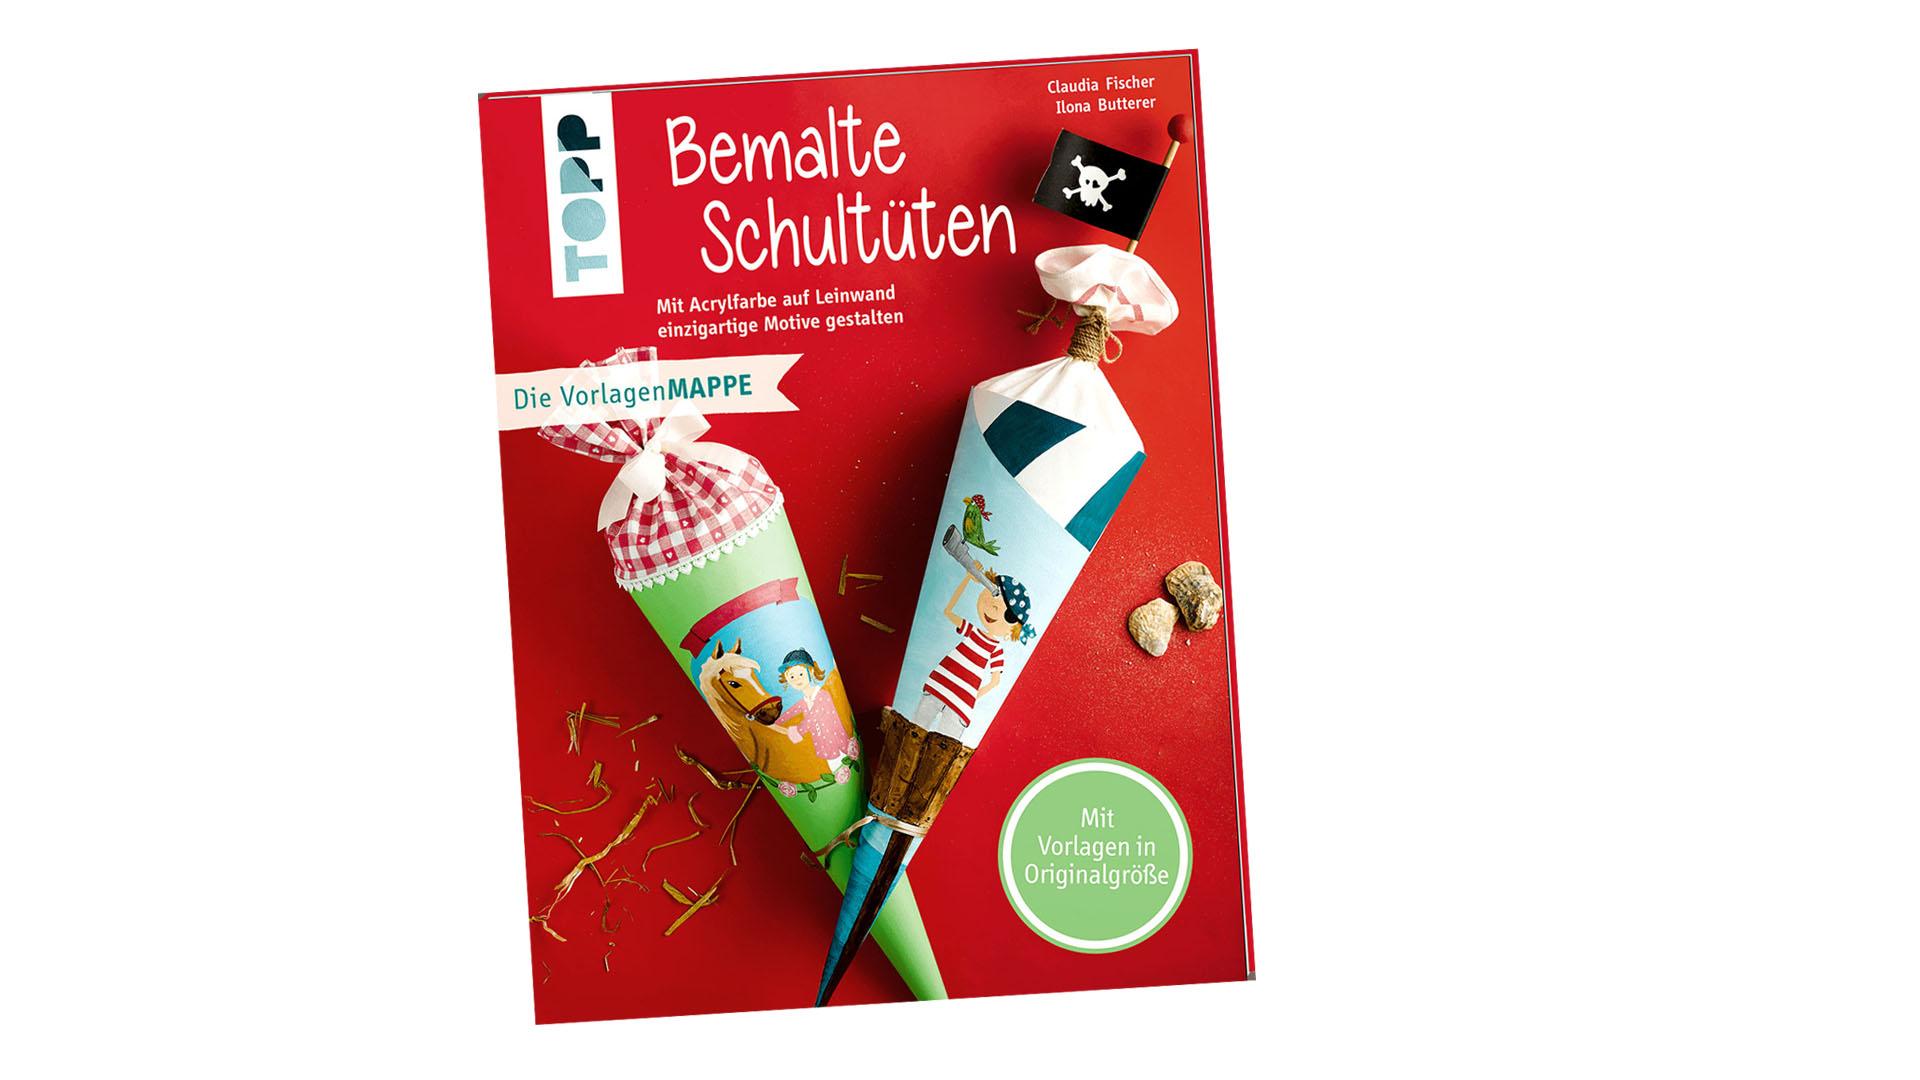 TOPP 4355: Bemalte Schultüten (Claudia Fischer und Ilona Butterer, ISBN 978-3-7724-4355-8)